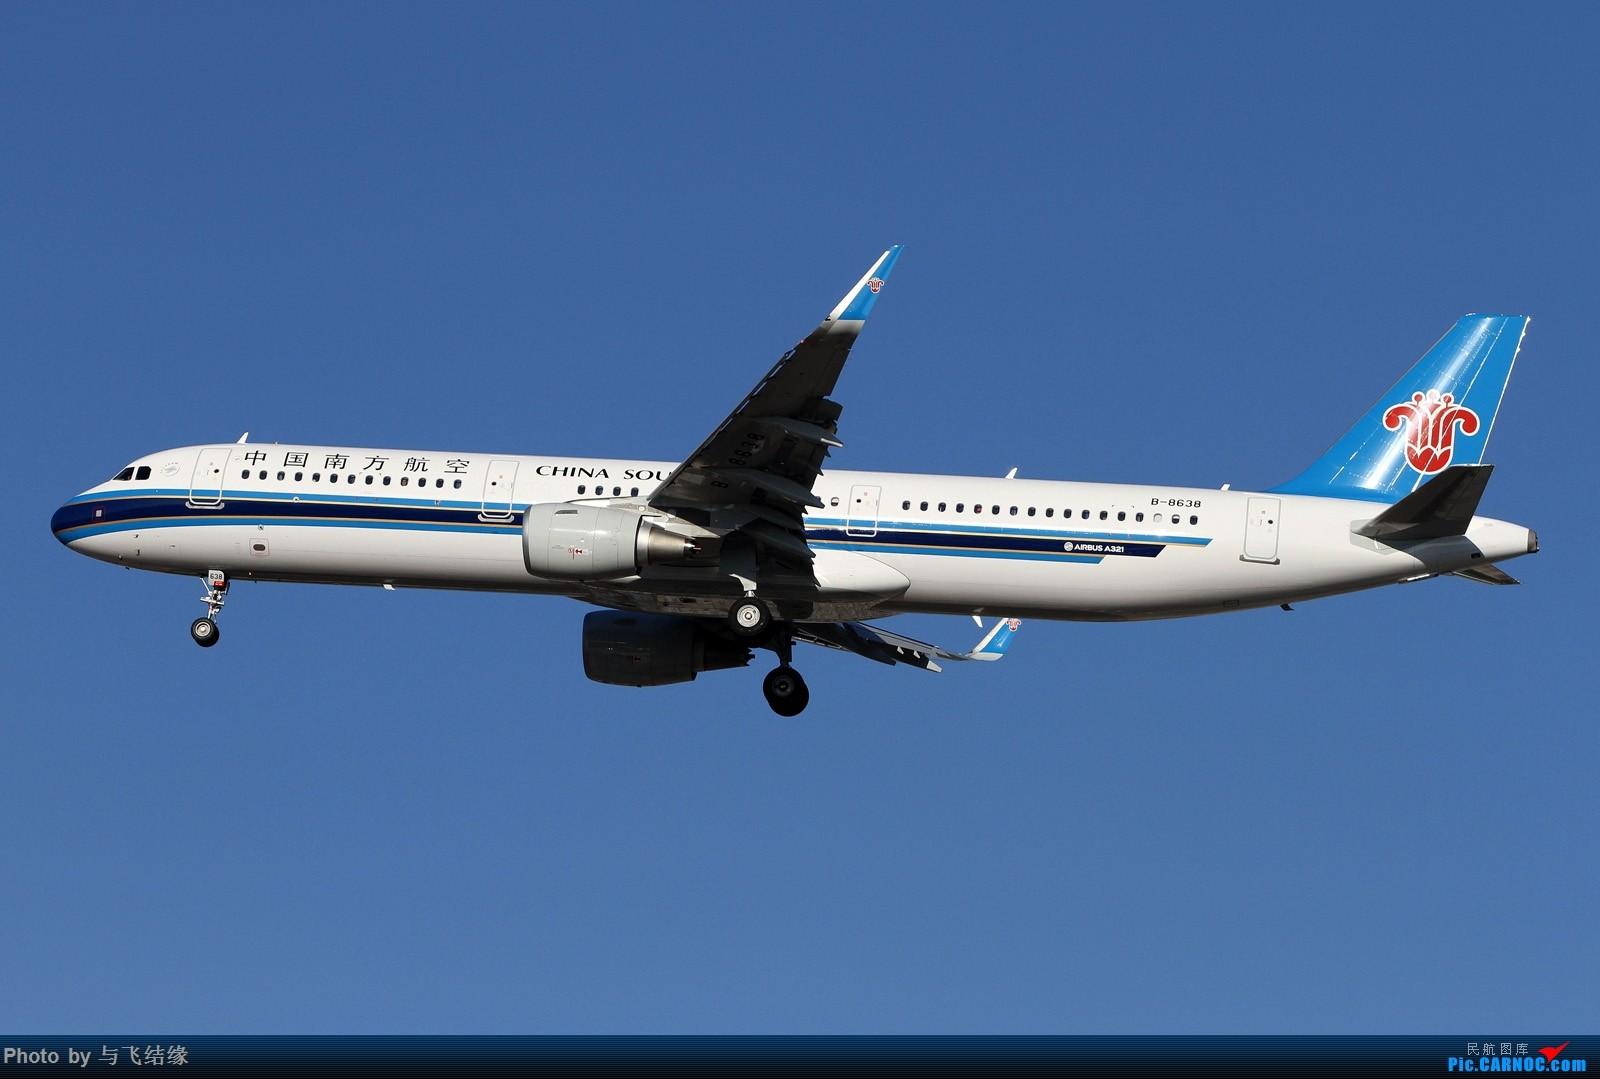 Re:[原创]一组小翼空客Airbus A321的图! AIRBUS A321-200 B-8638 中国北京首都国际机场